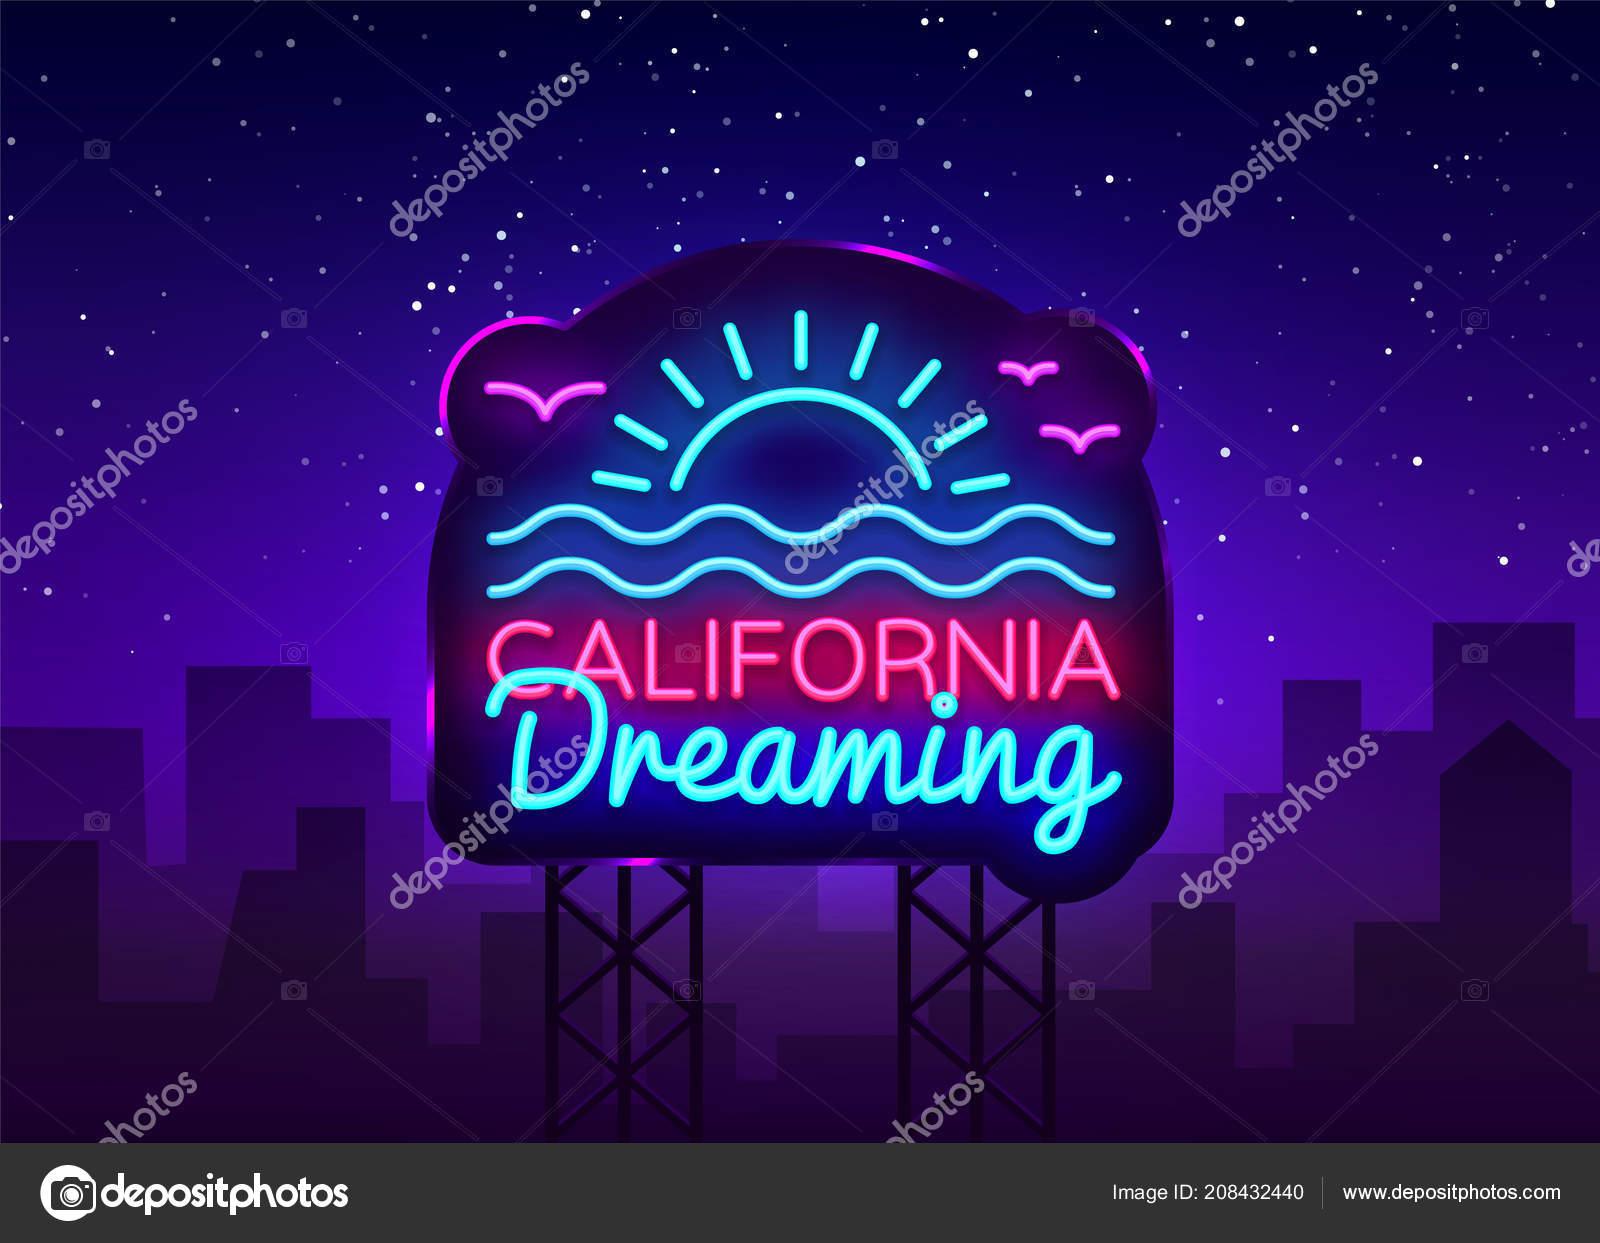 California neon sign vector  California Dreaming Design template